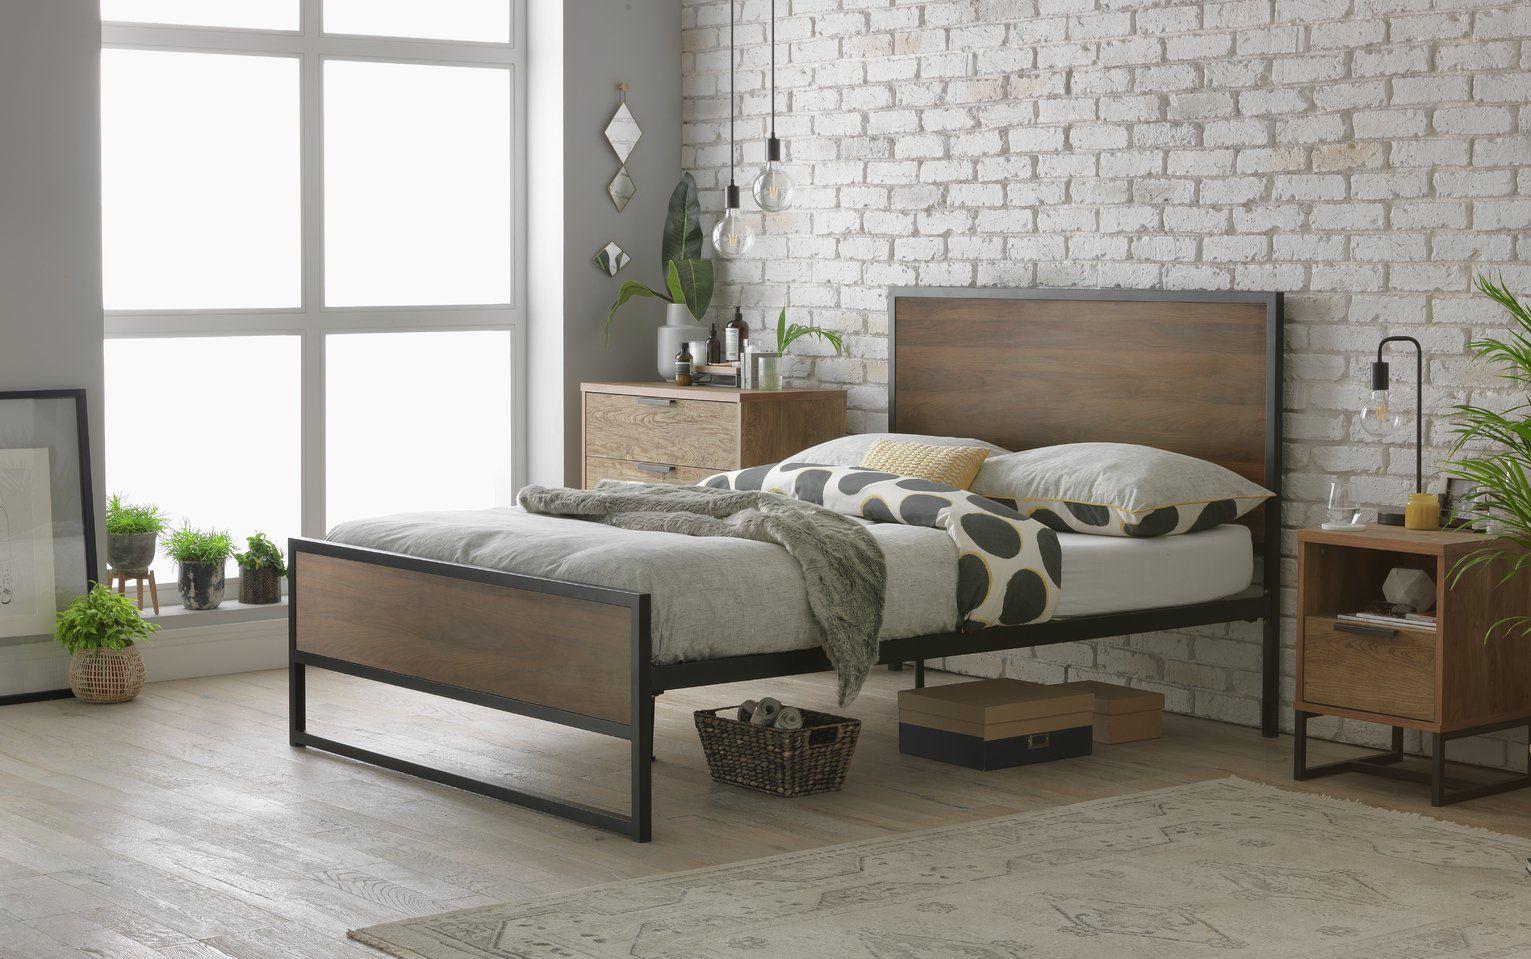 Buy Habitat Nomad Kingsize Bed Frame Black And Wood Bed Frames Argos Floor Lounging Bed Frame Double Bed Frame